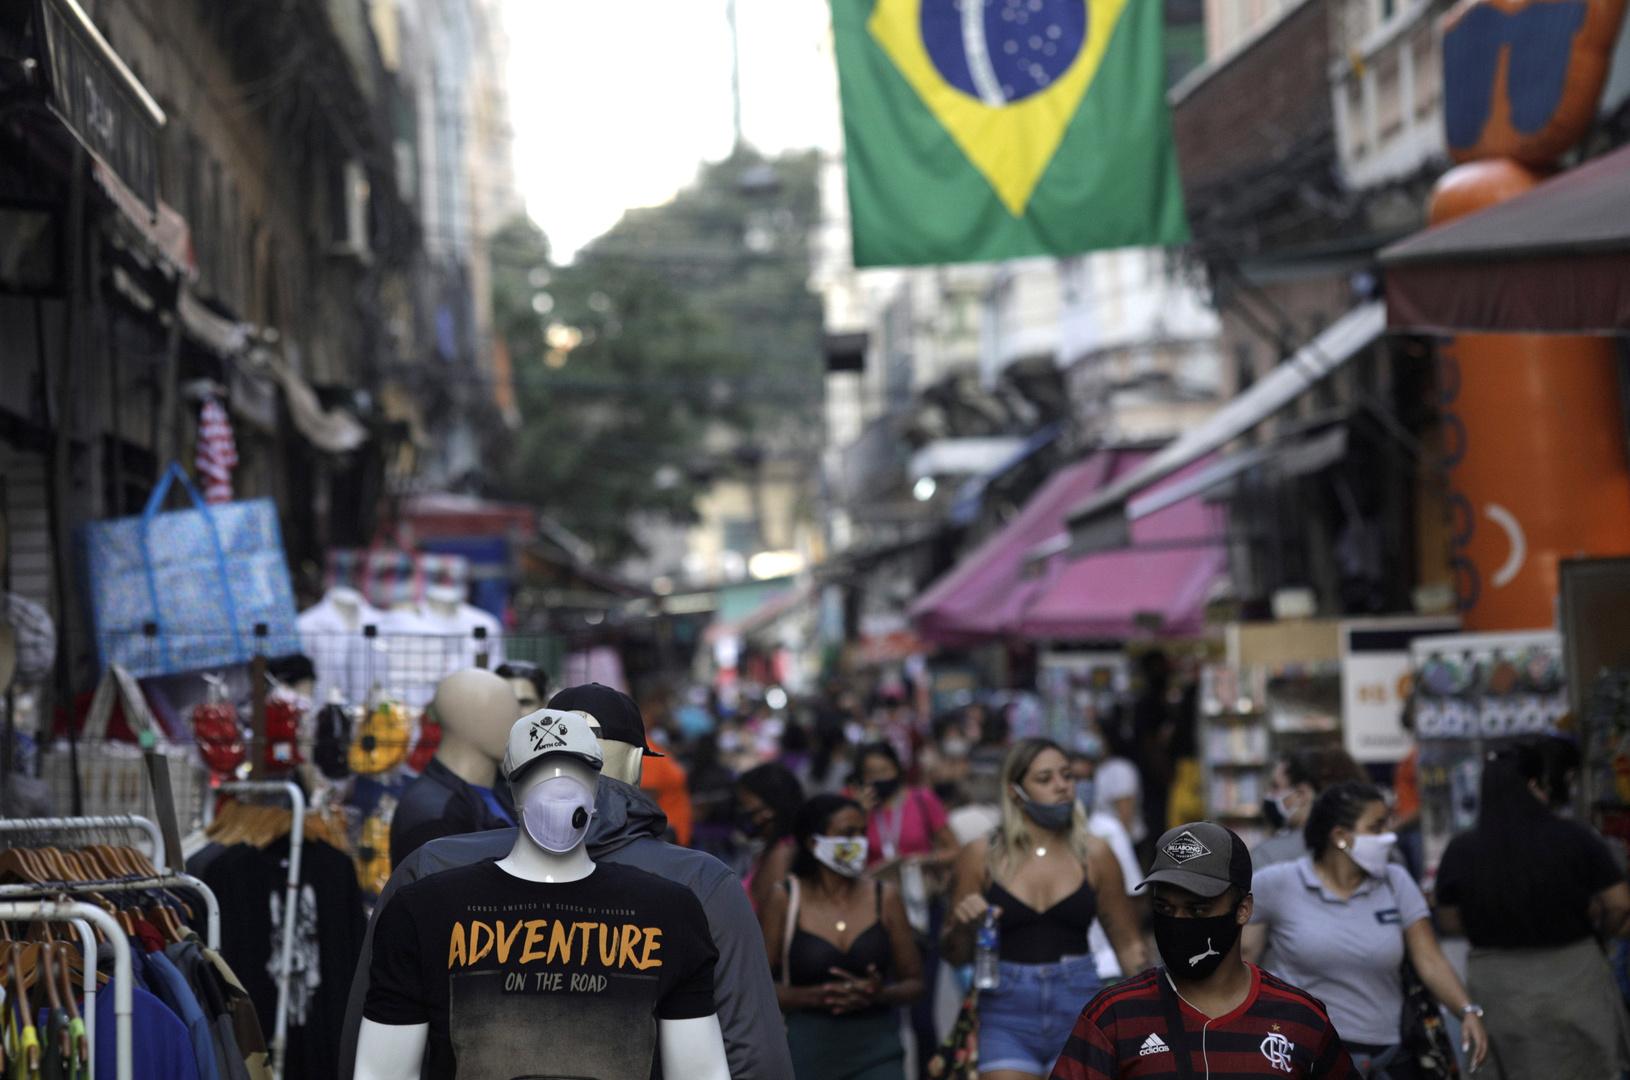 مدينة ريو دي جانيرو البرازيلية في زمن جائحة فيروس كورونا.